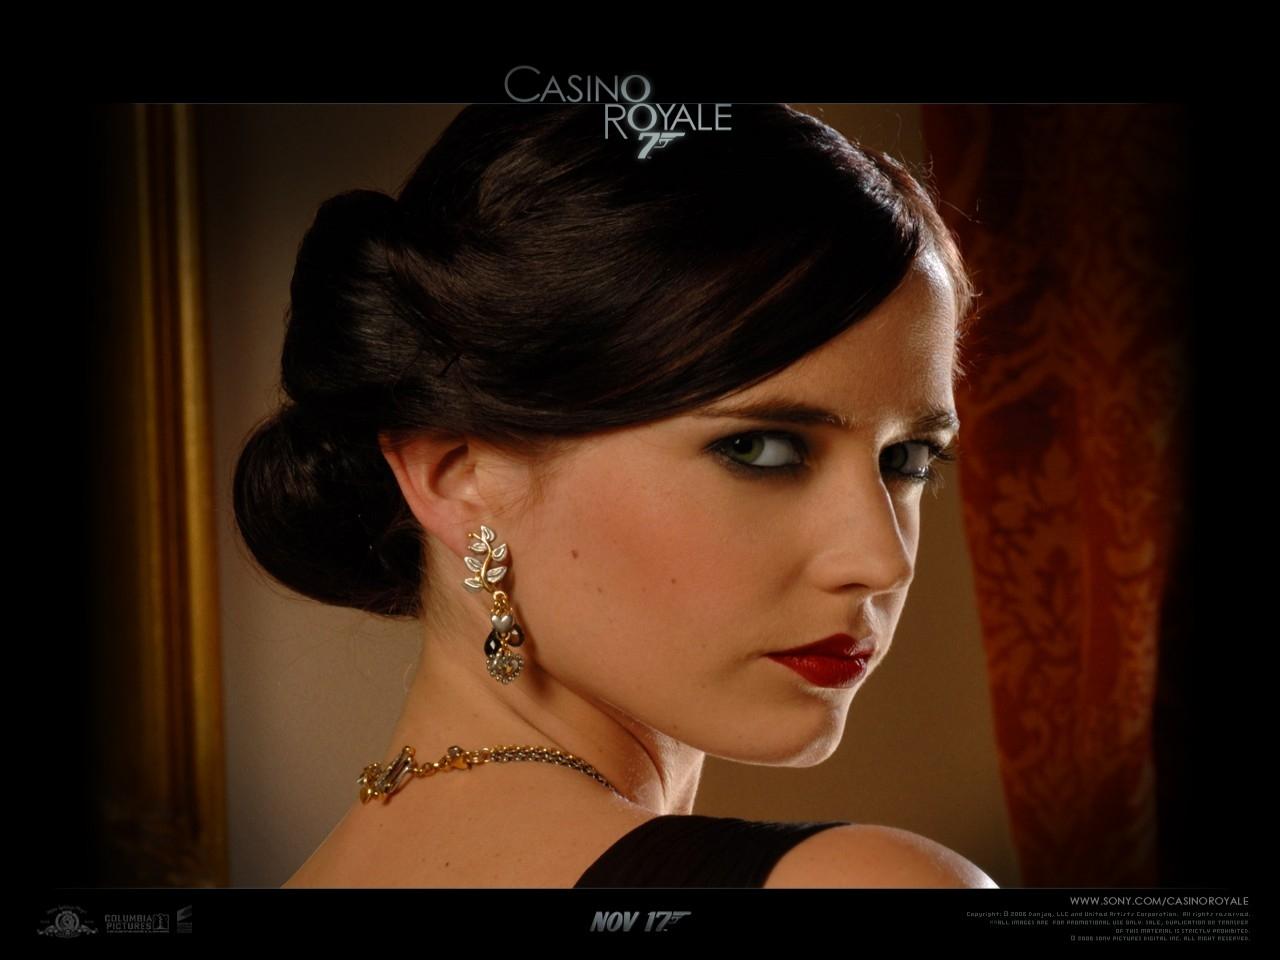 Wallpaper del film Casino Royale con Eva Green